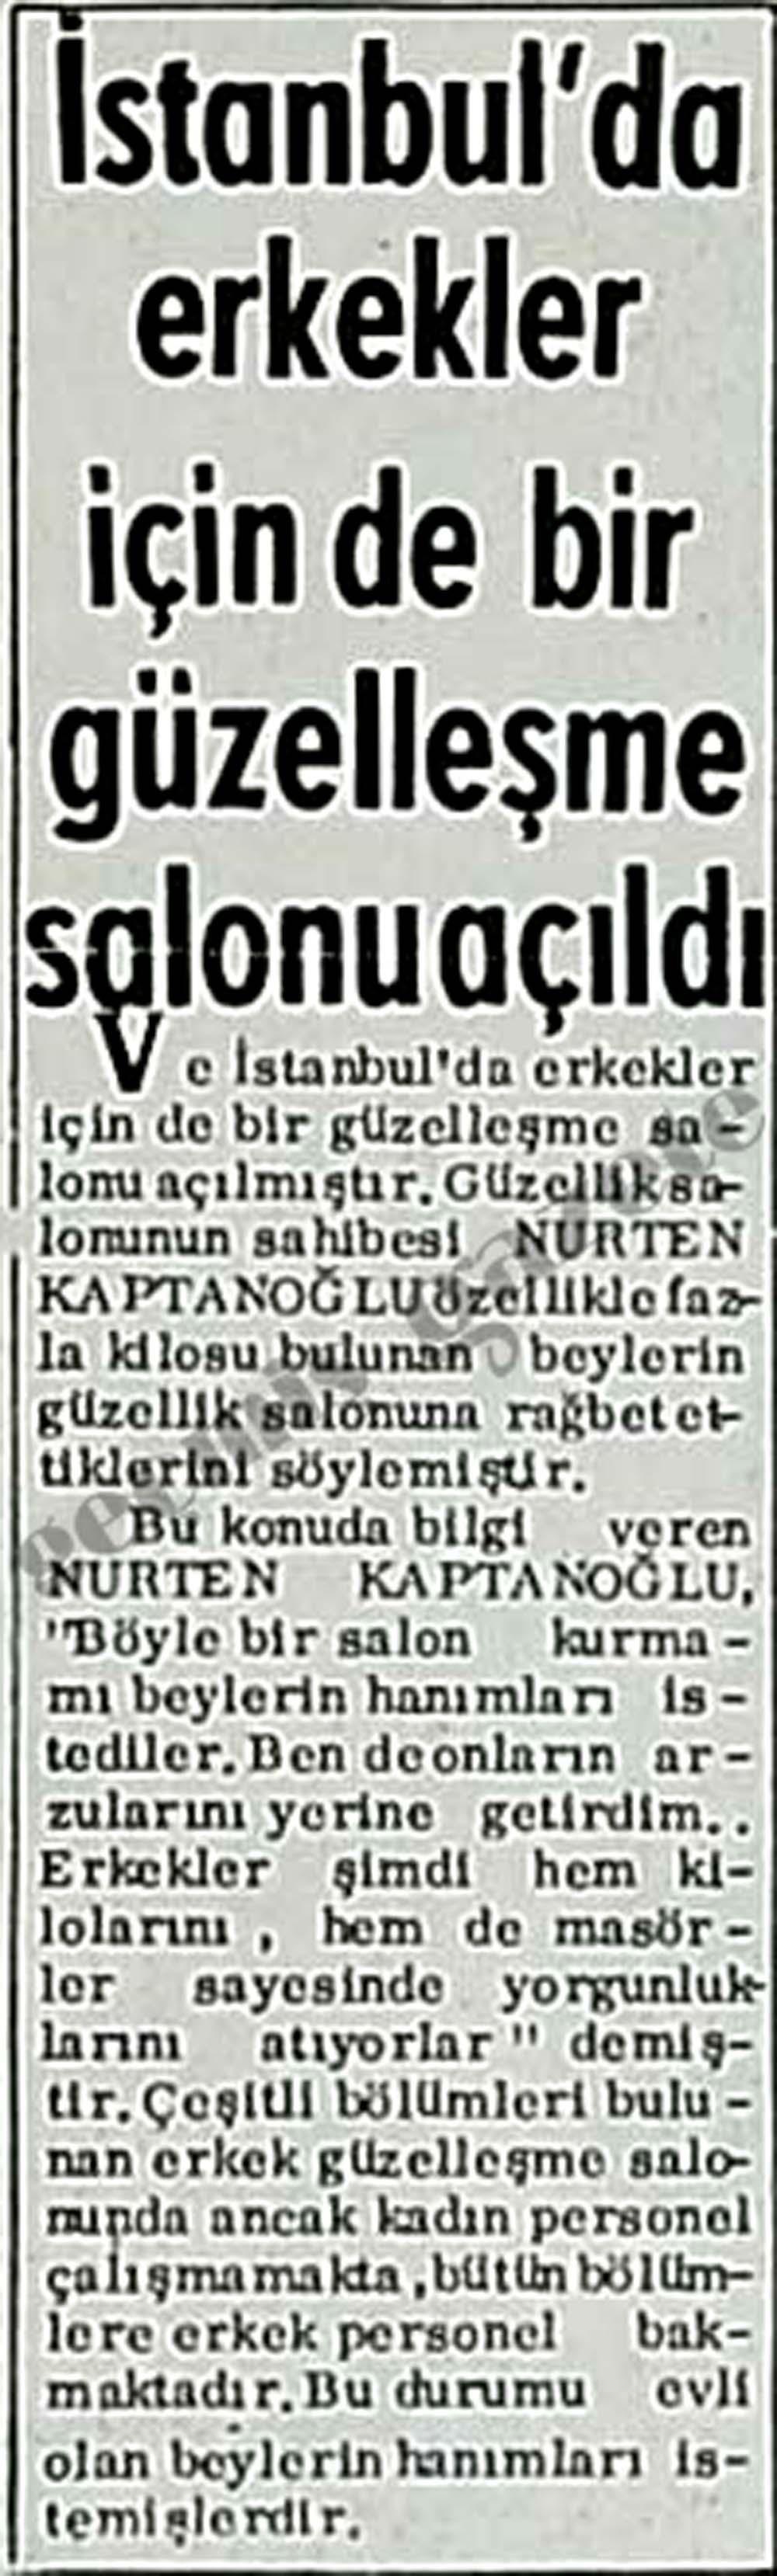 İstanbul'da erkekler için de bir güzelleşme salonu açıldı